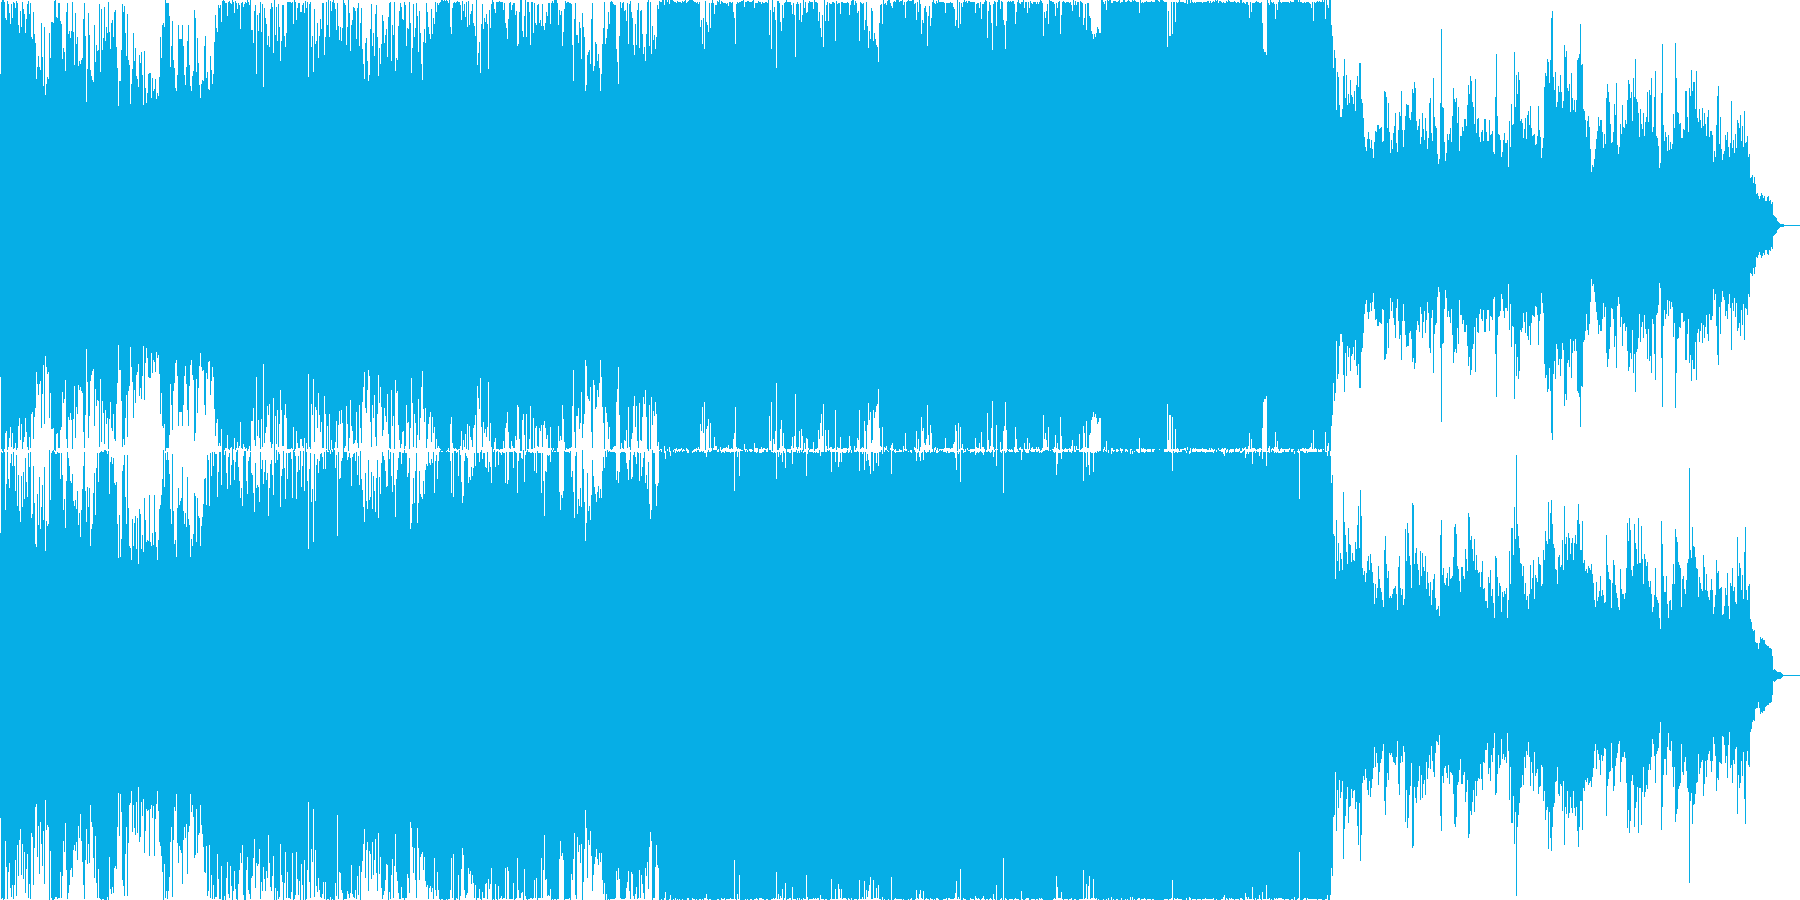 ダーク、戦争等重いイメージのオーケストラの再生済みの波形